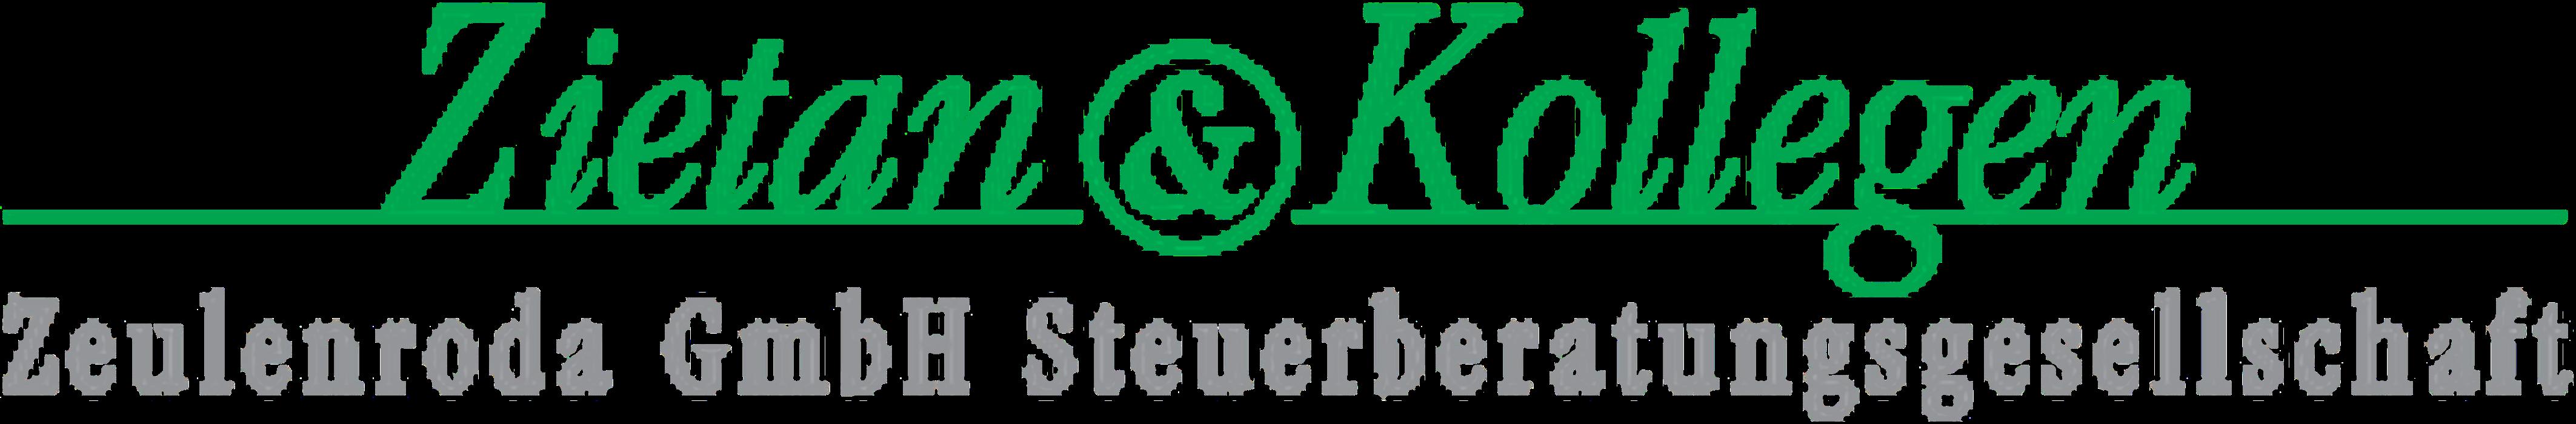 Bild zu Zietan & Kollegen Zeulenroda GmbH in Zeulenroda Triebes